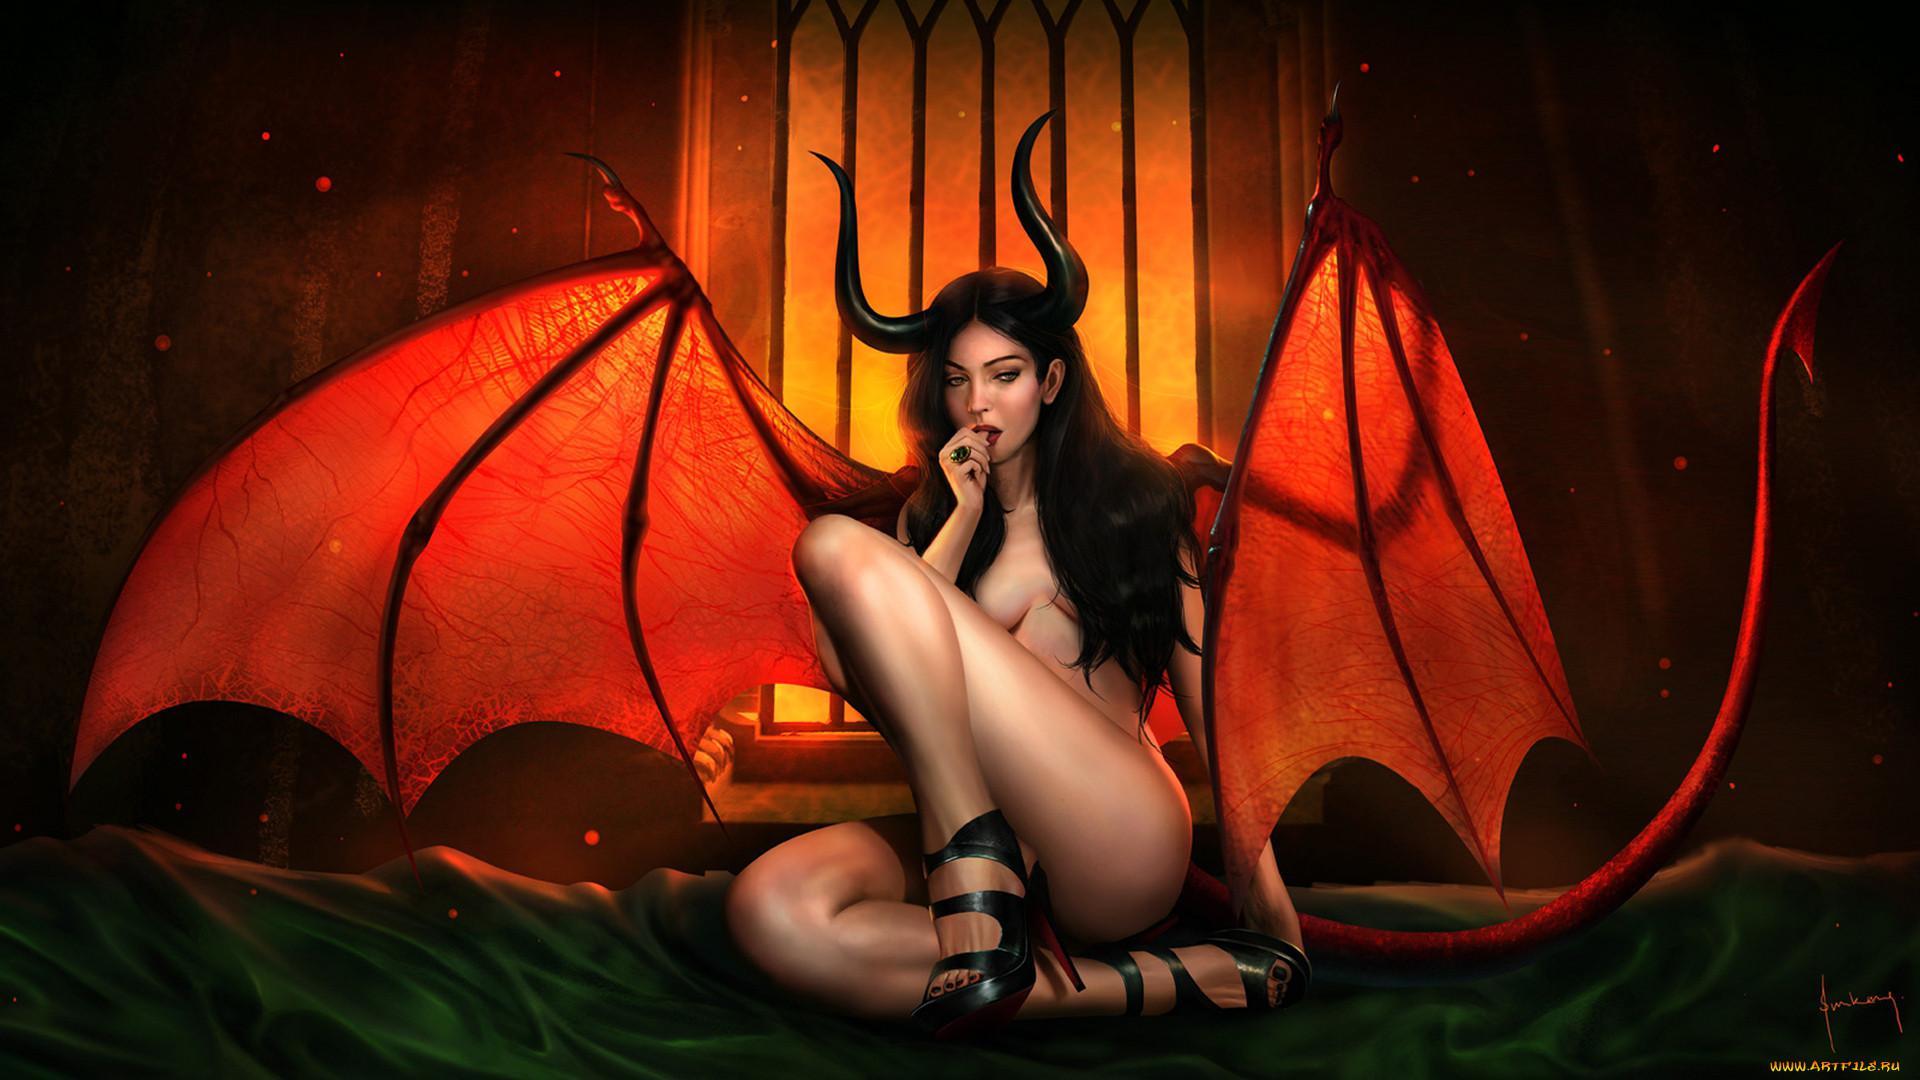 Фэнтези рисунок девушка демон суккуб